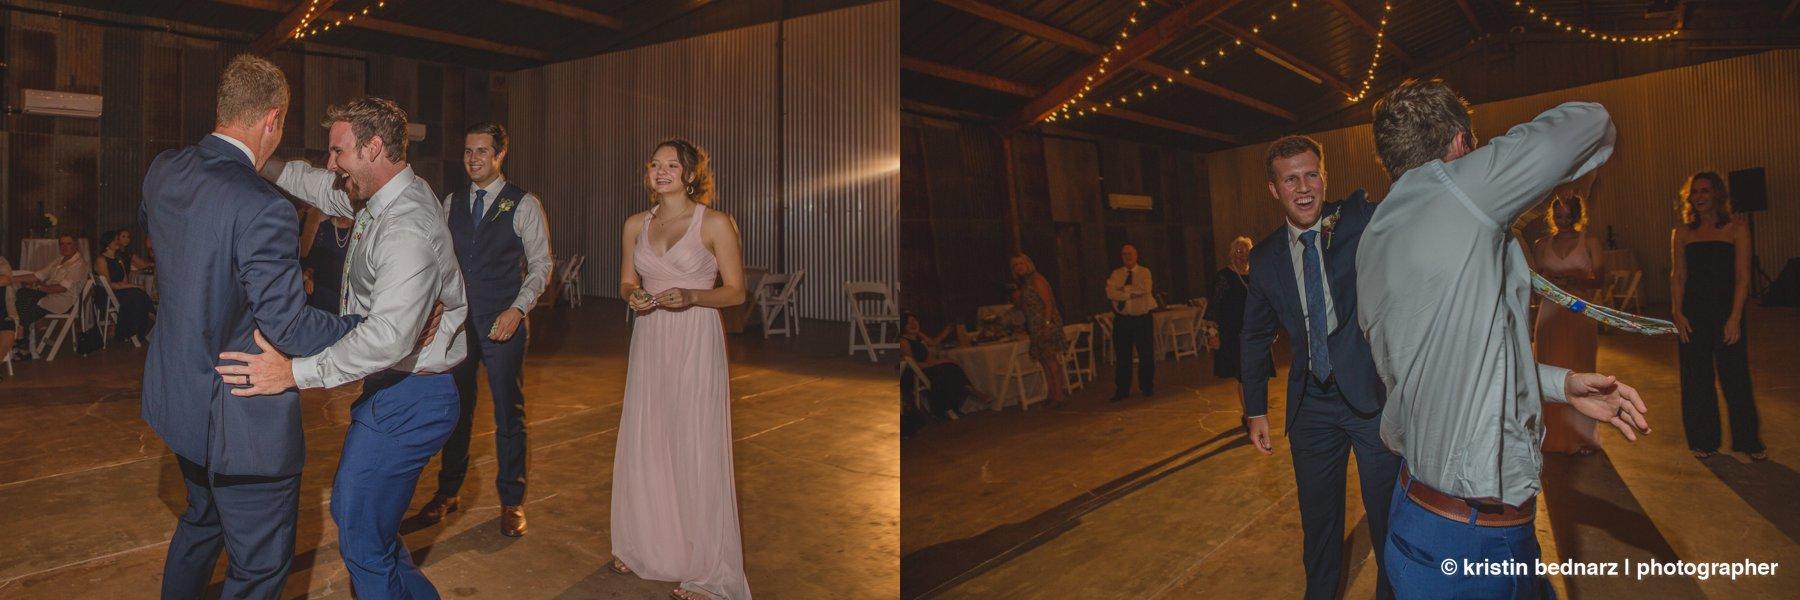 Krisitin_Bednarz_Lubbock_Wedding_Photographer_20180602_0098.JPG